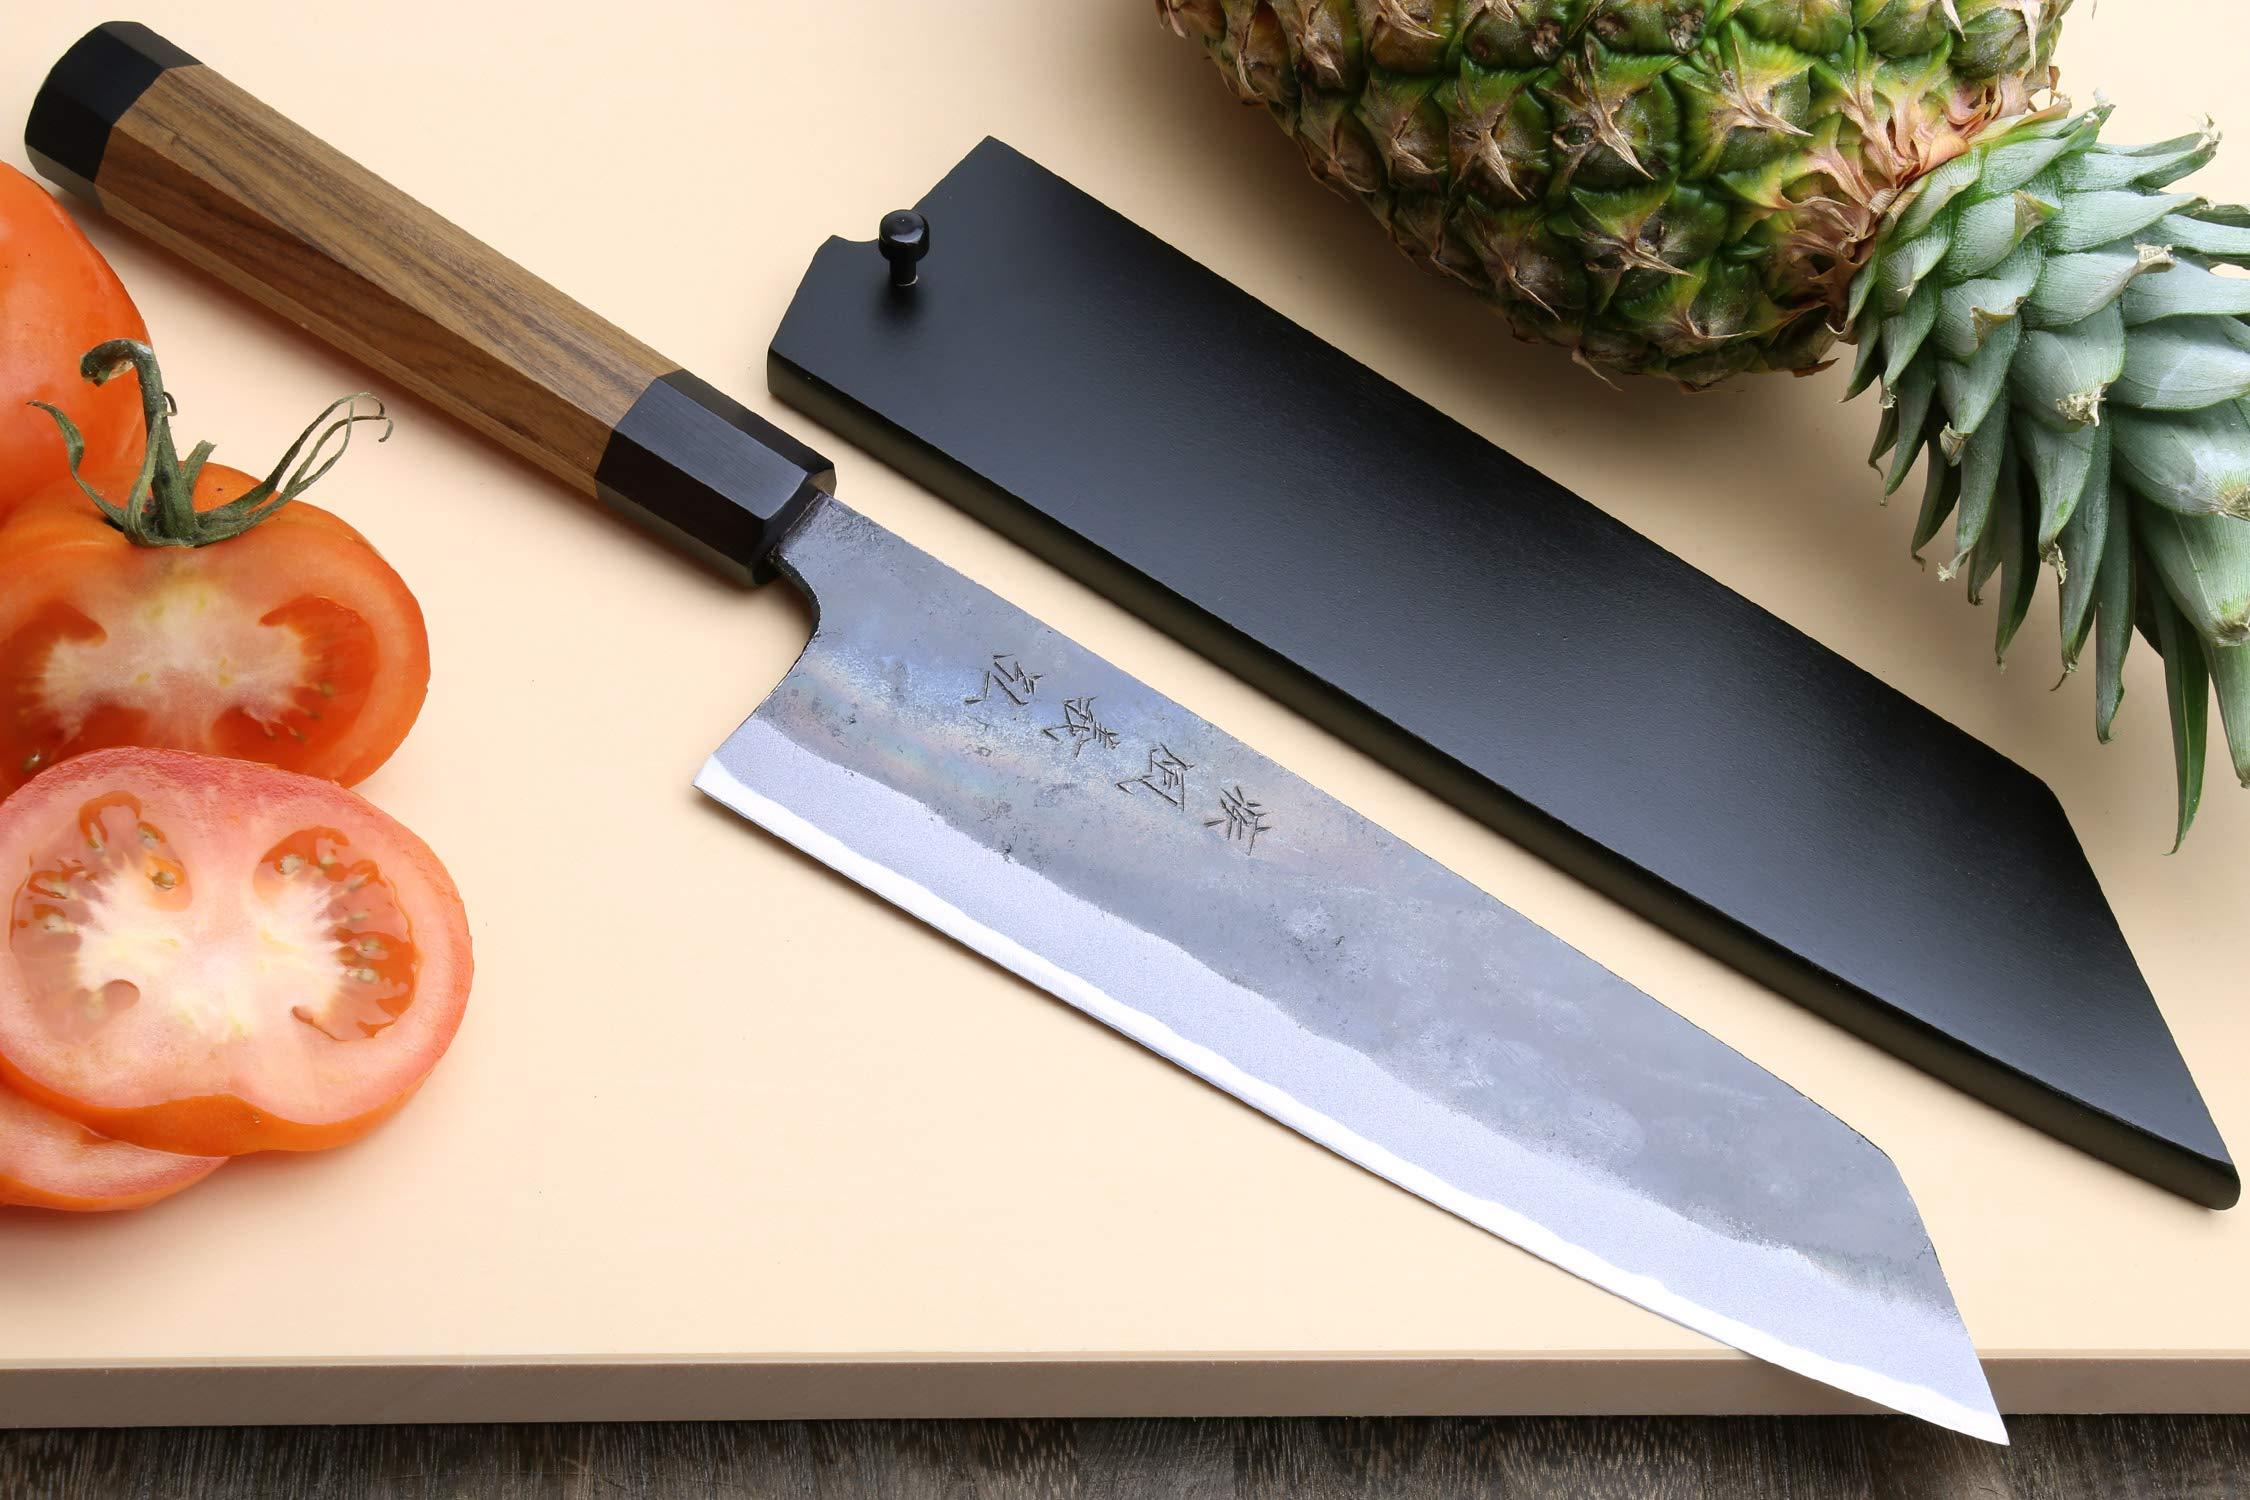 Yoshihiro Mizu Yaki Blue High Carbon Steel Super Kurouchi Kiritsuke Multipurpose Chef Knife (8.25 In) with Nuri Saya Cover by Yoshihiro (Image #2)